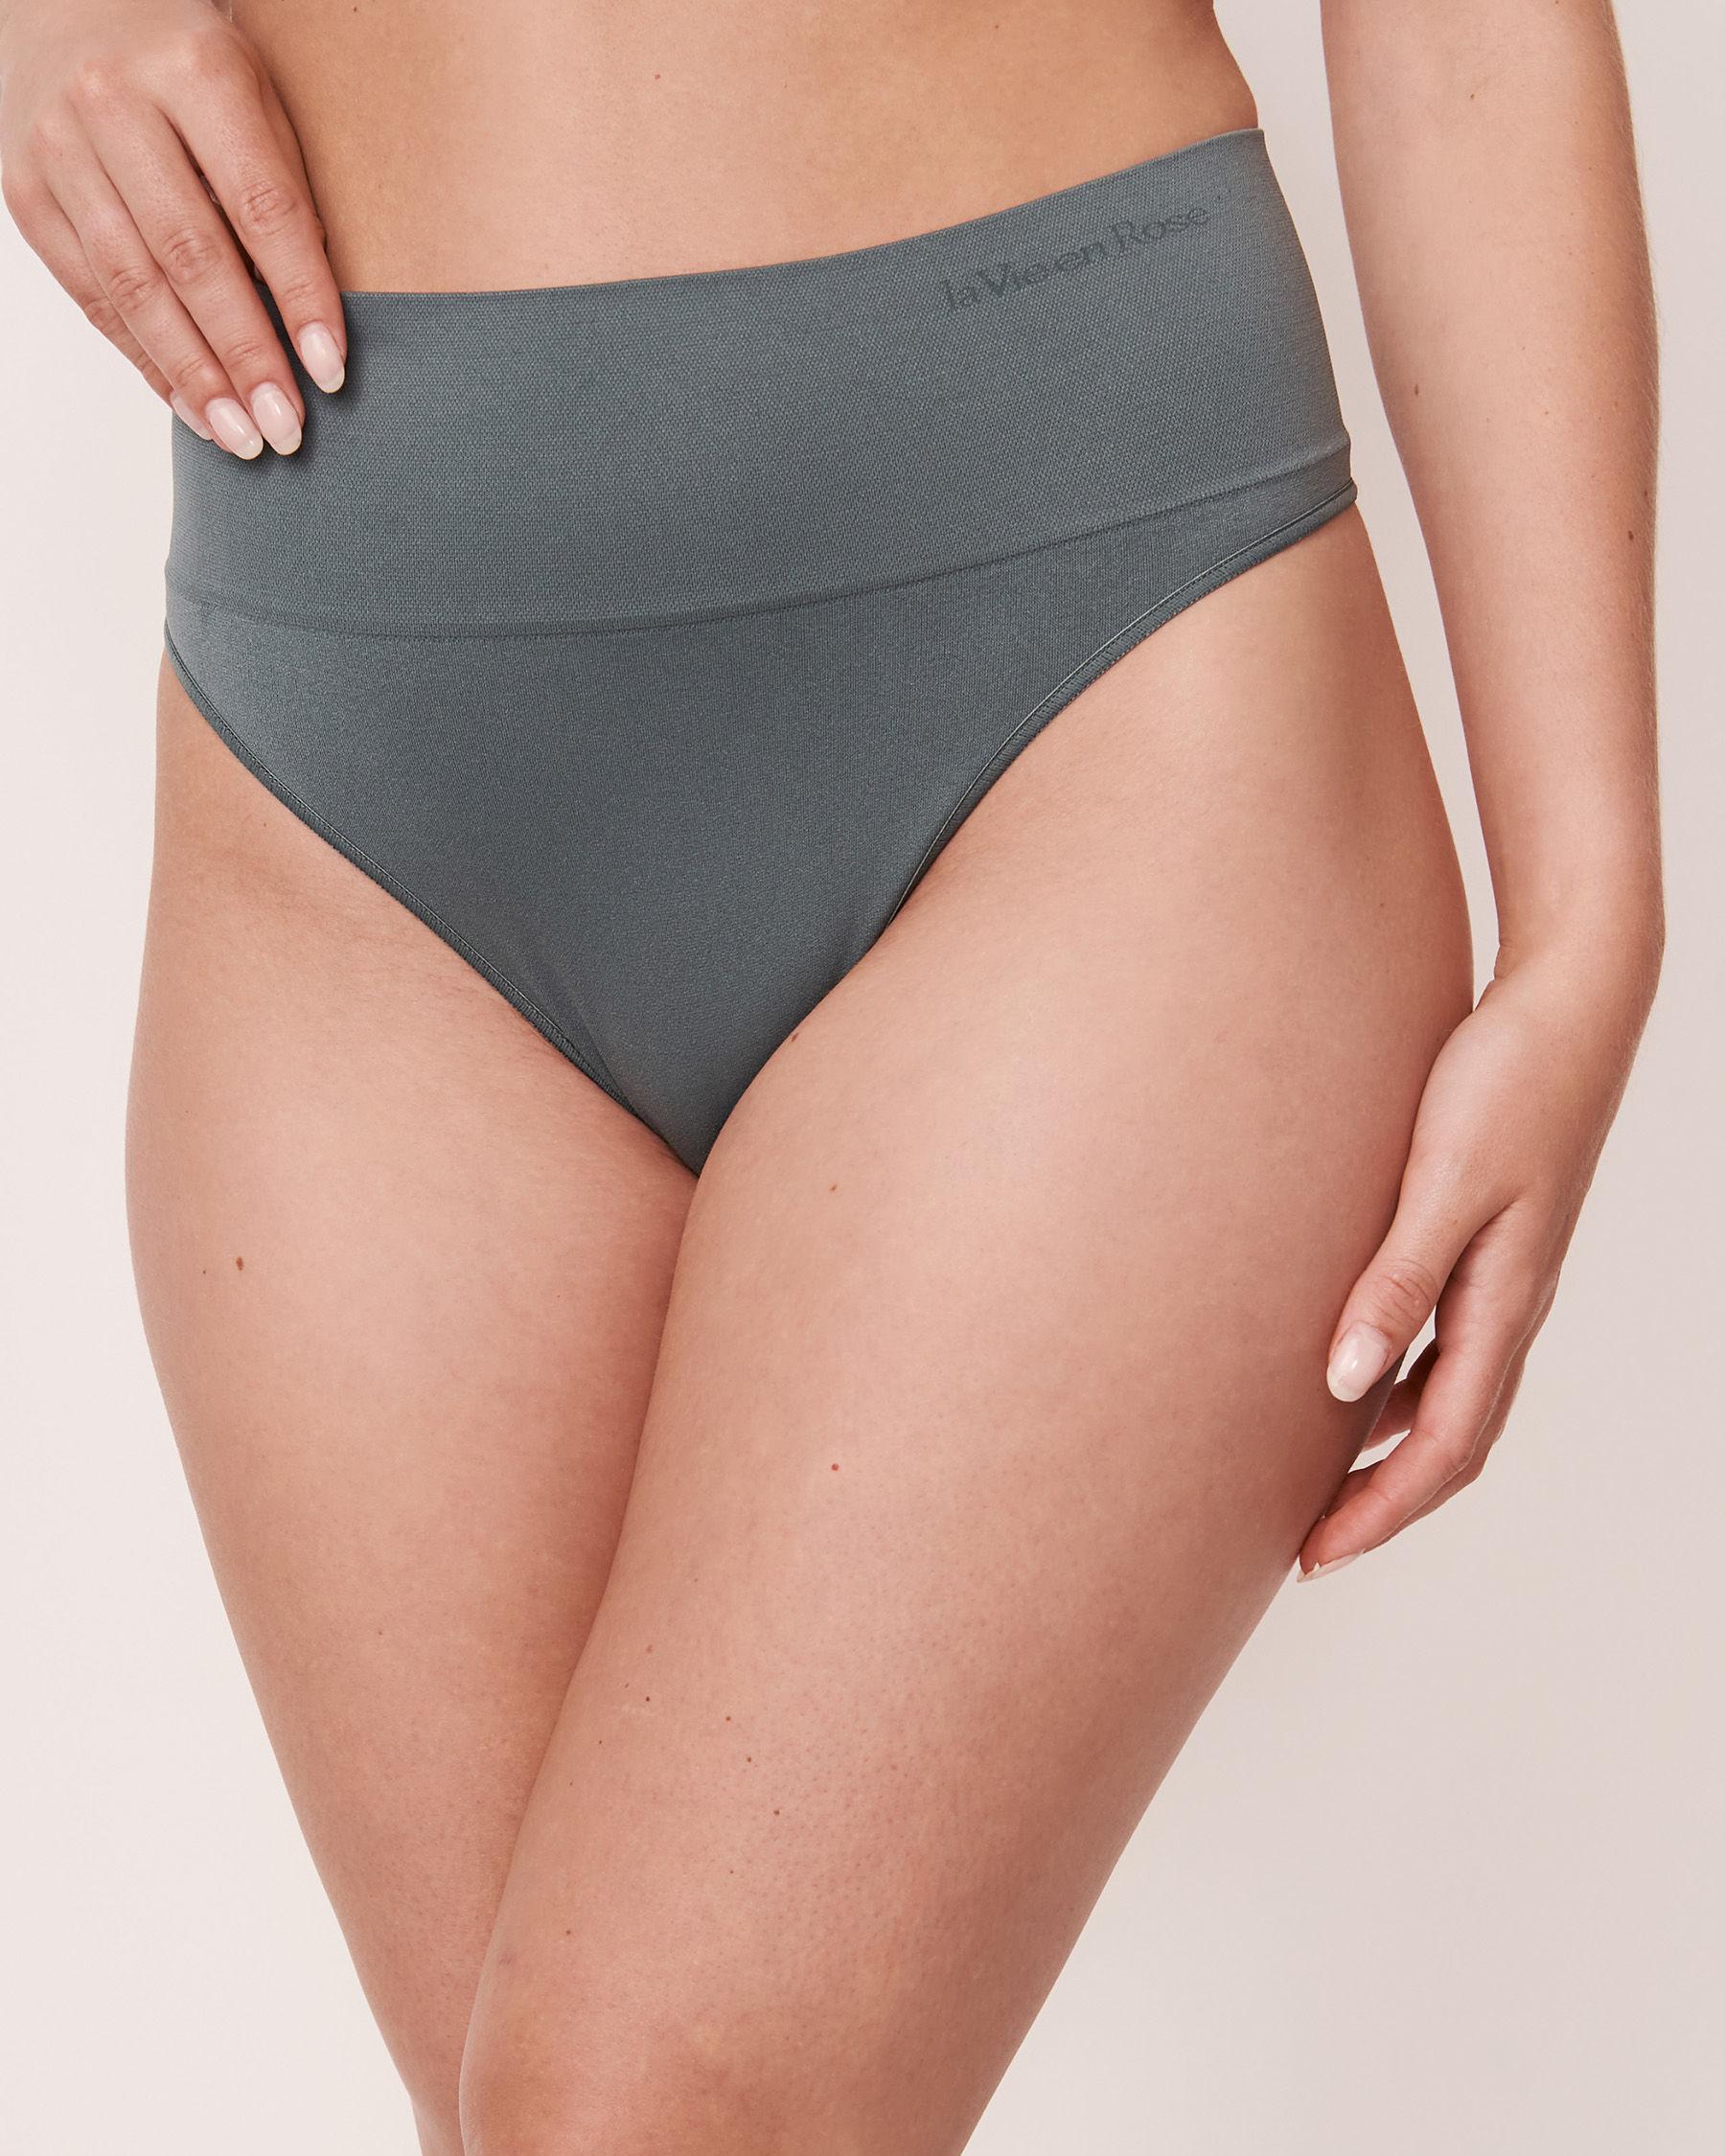 LA VIE EN ROSE Seamless High Waist Thong Panty Green 20200039 - View1